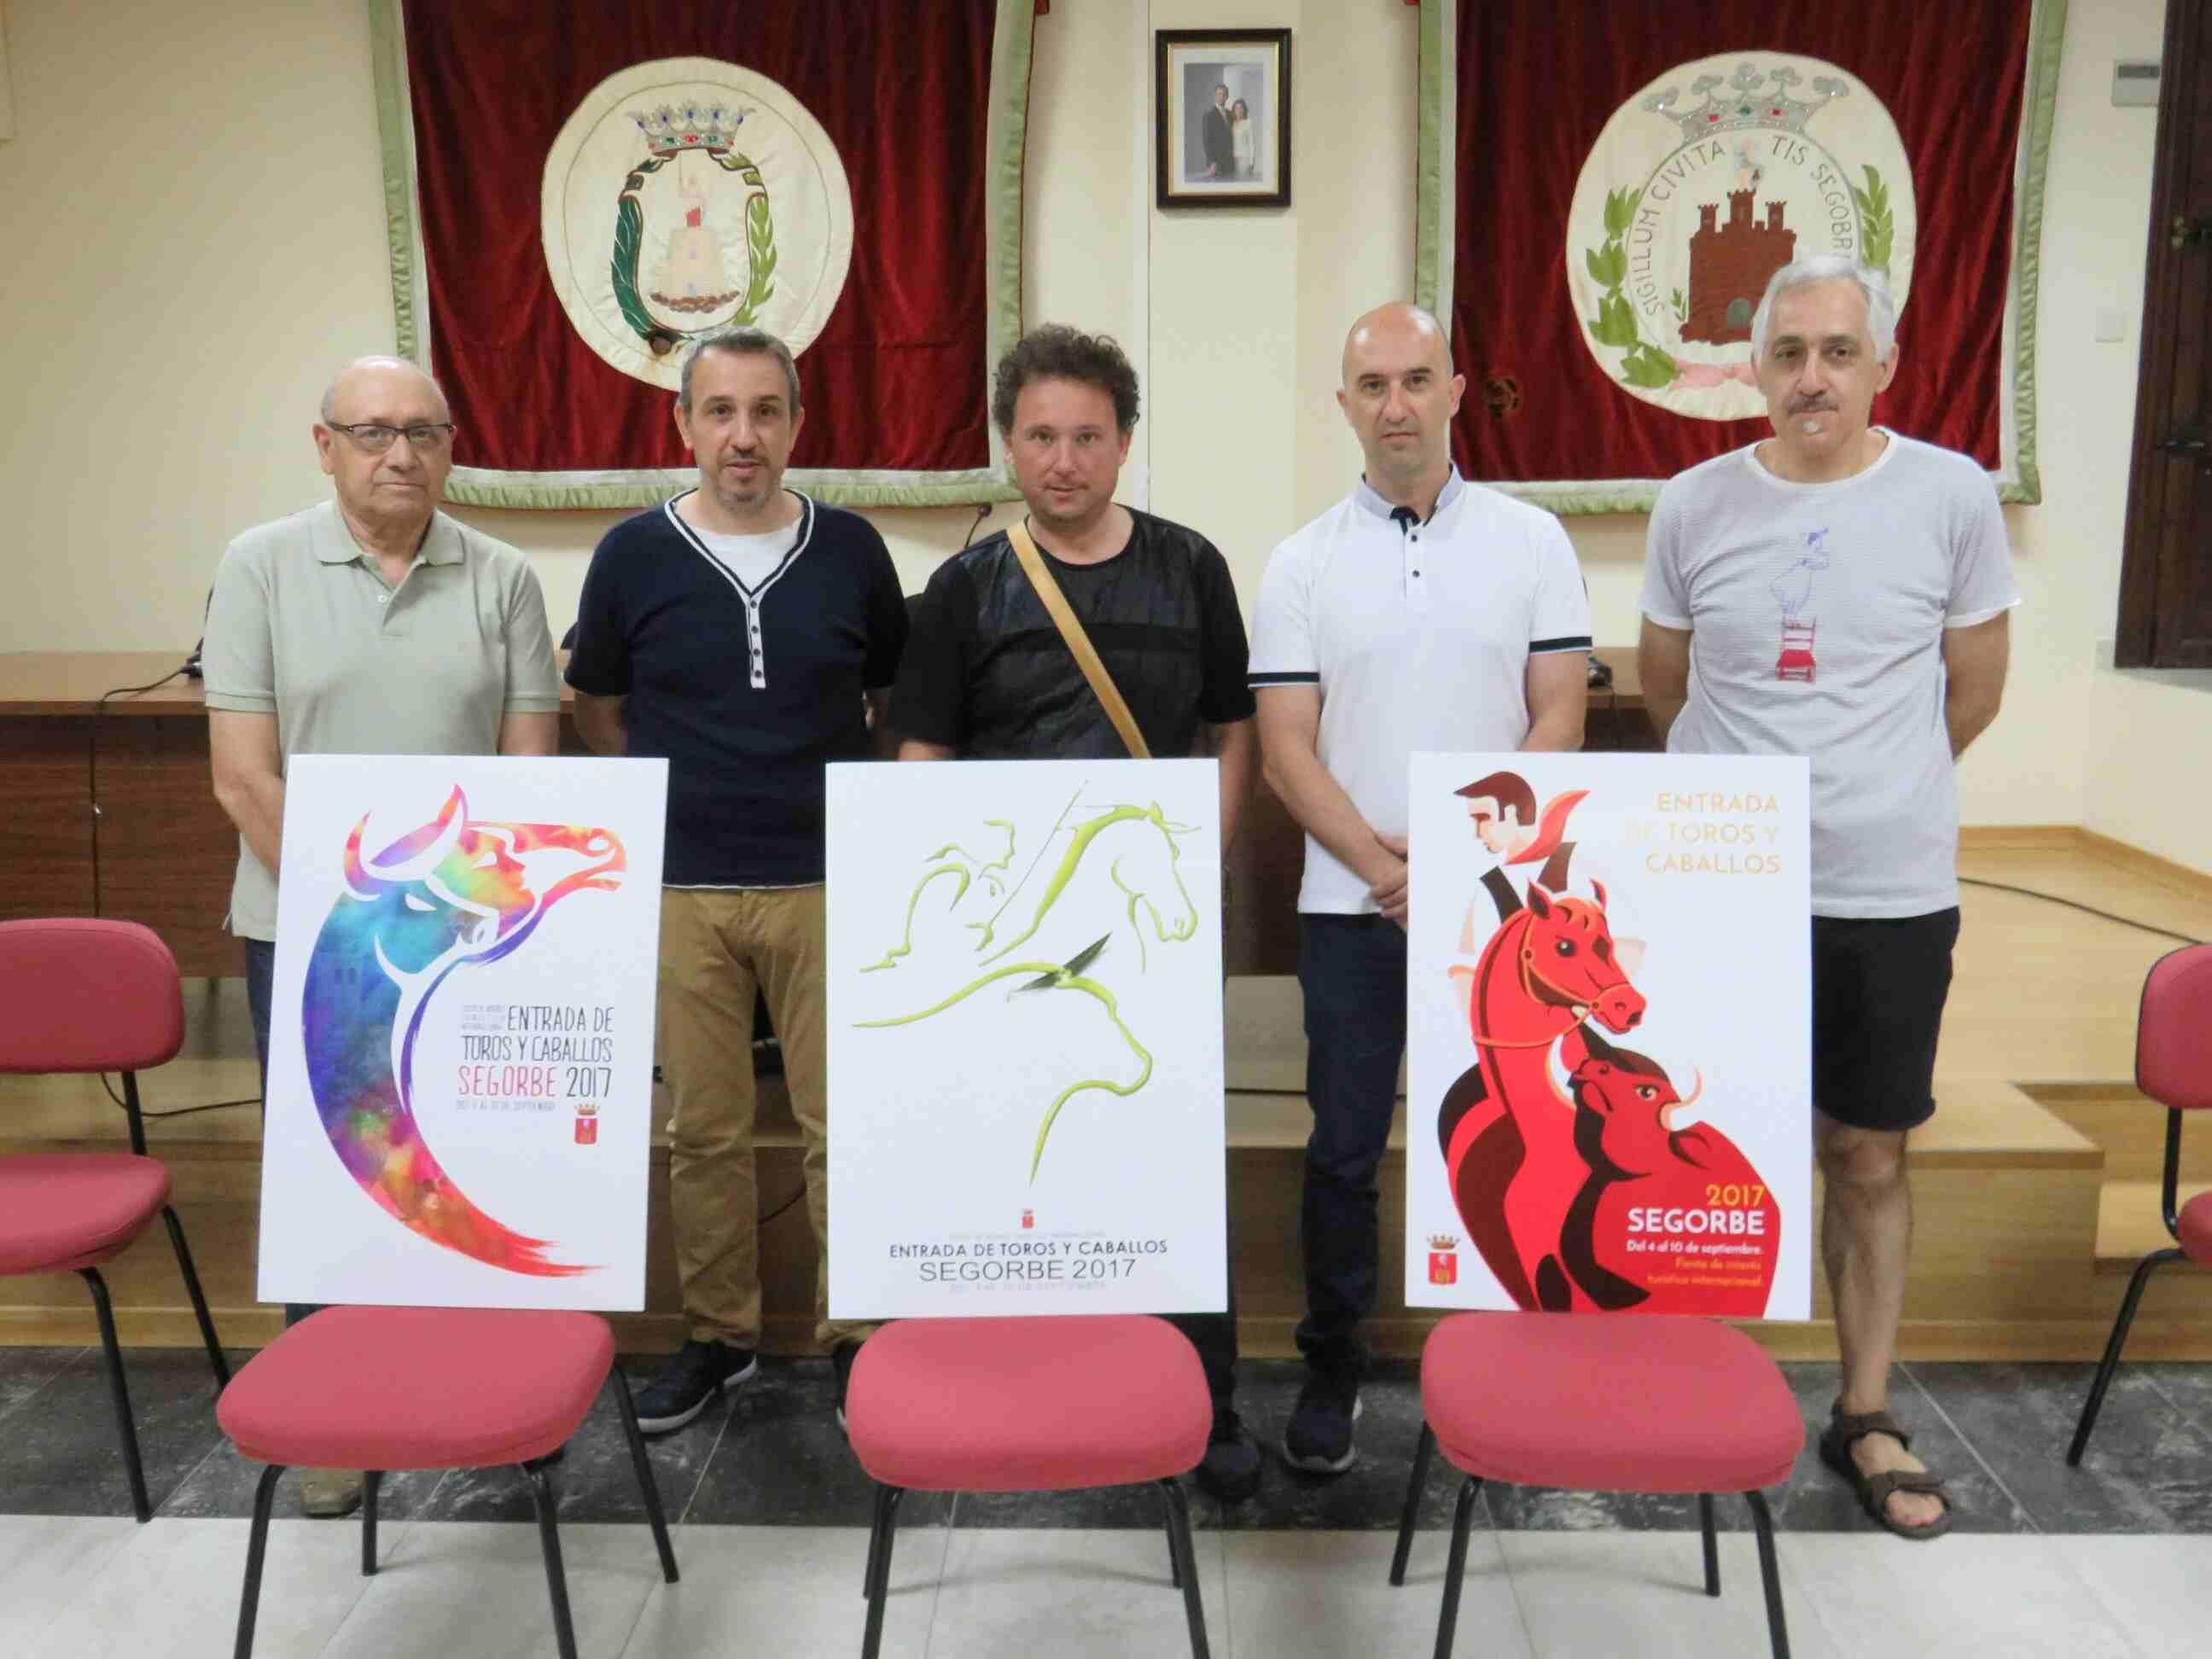 Premiados del concurso de carteles de la entrada de toros y caballos de Segorbe 2017